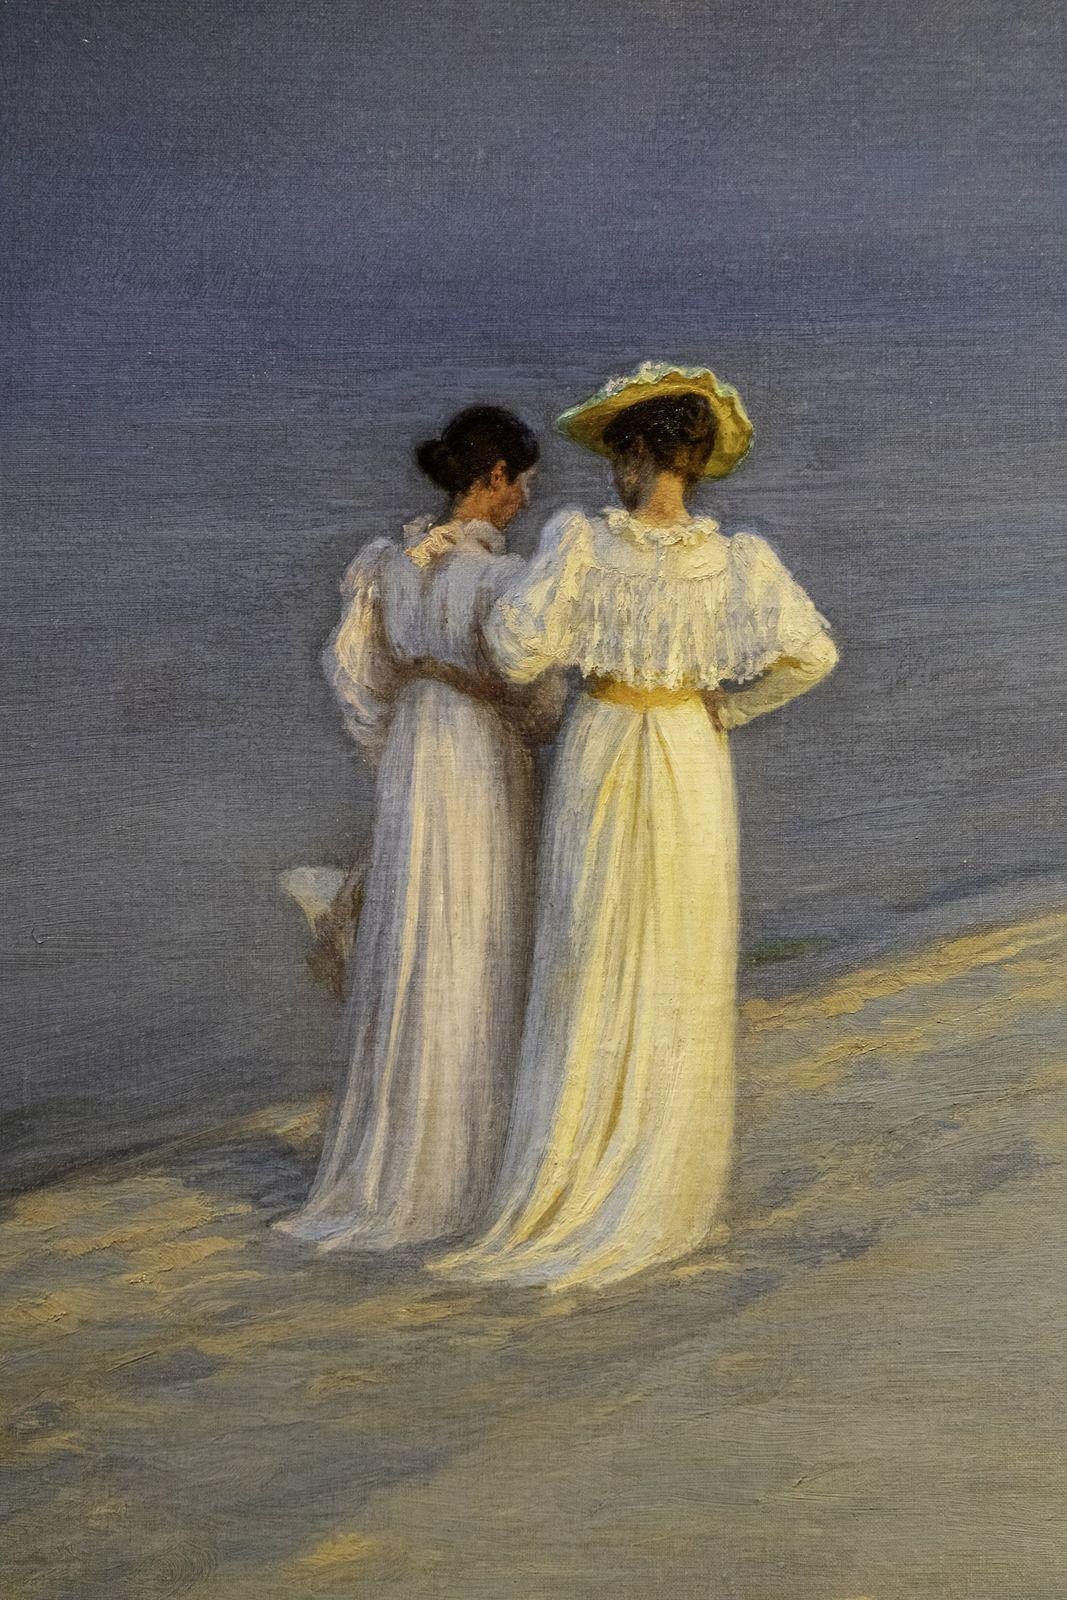 Soirée calme sur la plage de Skagen, Sønderstrand - 1893 - Peder Severin Krøyer